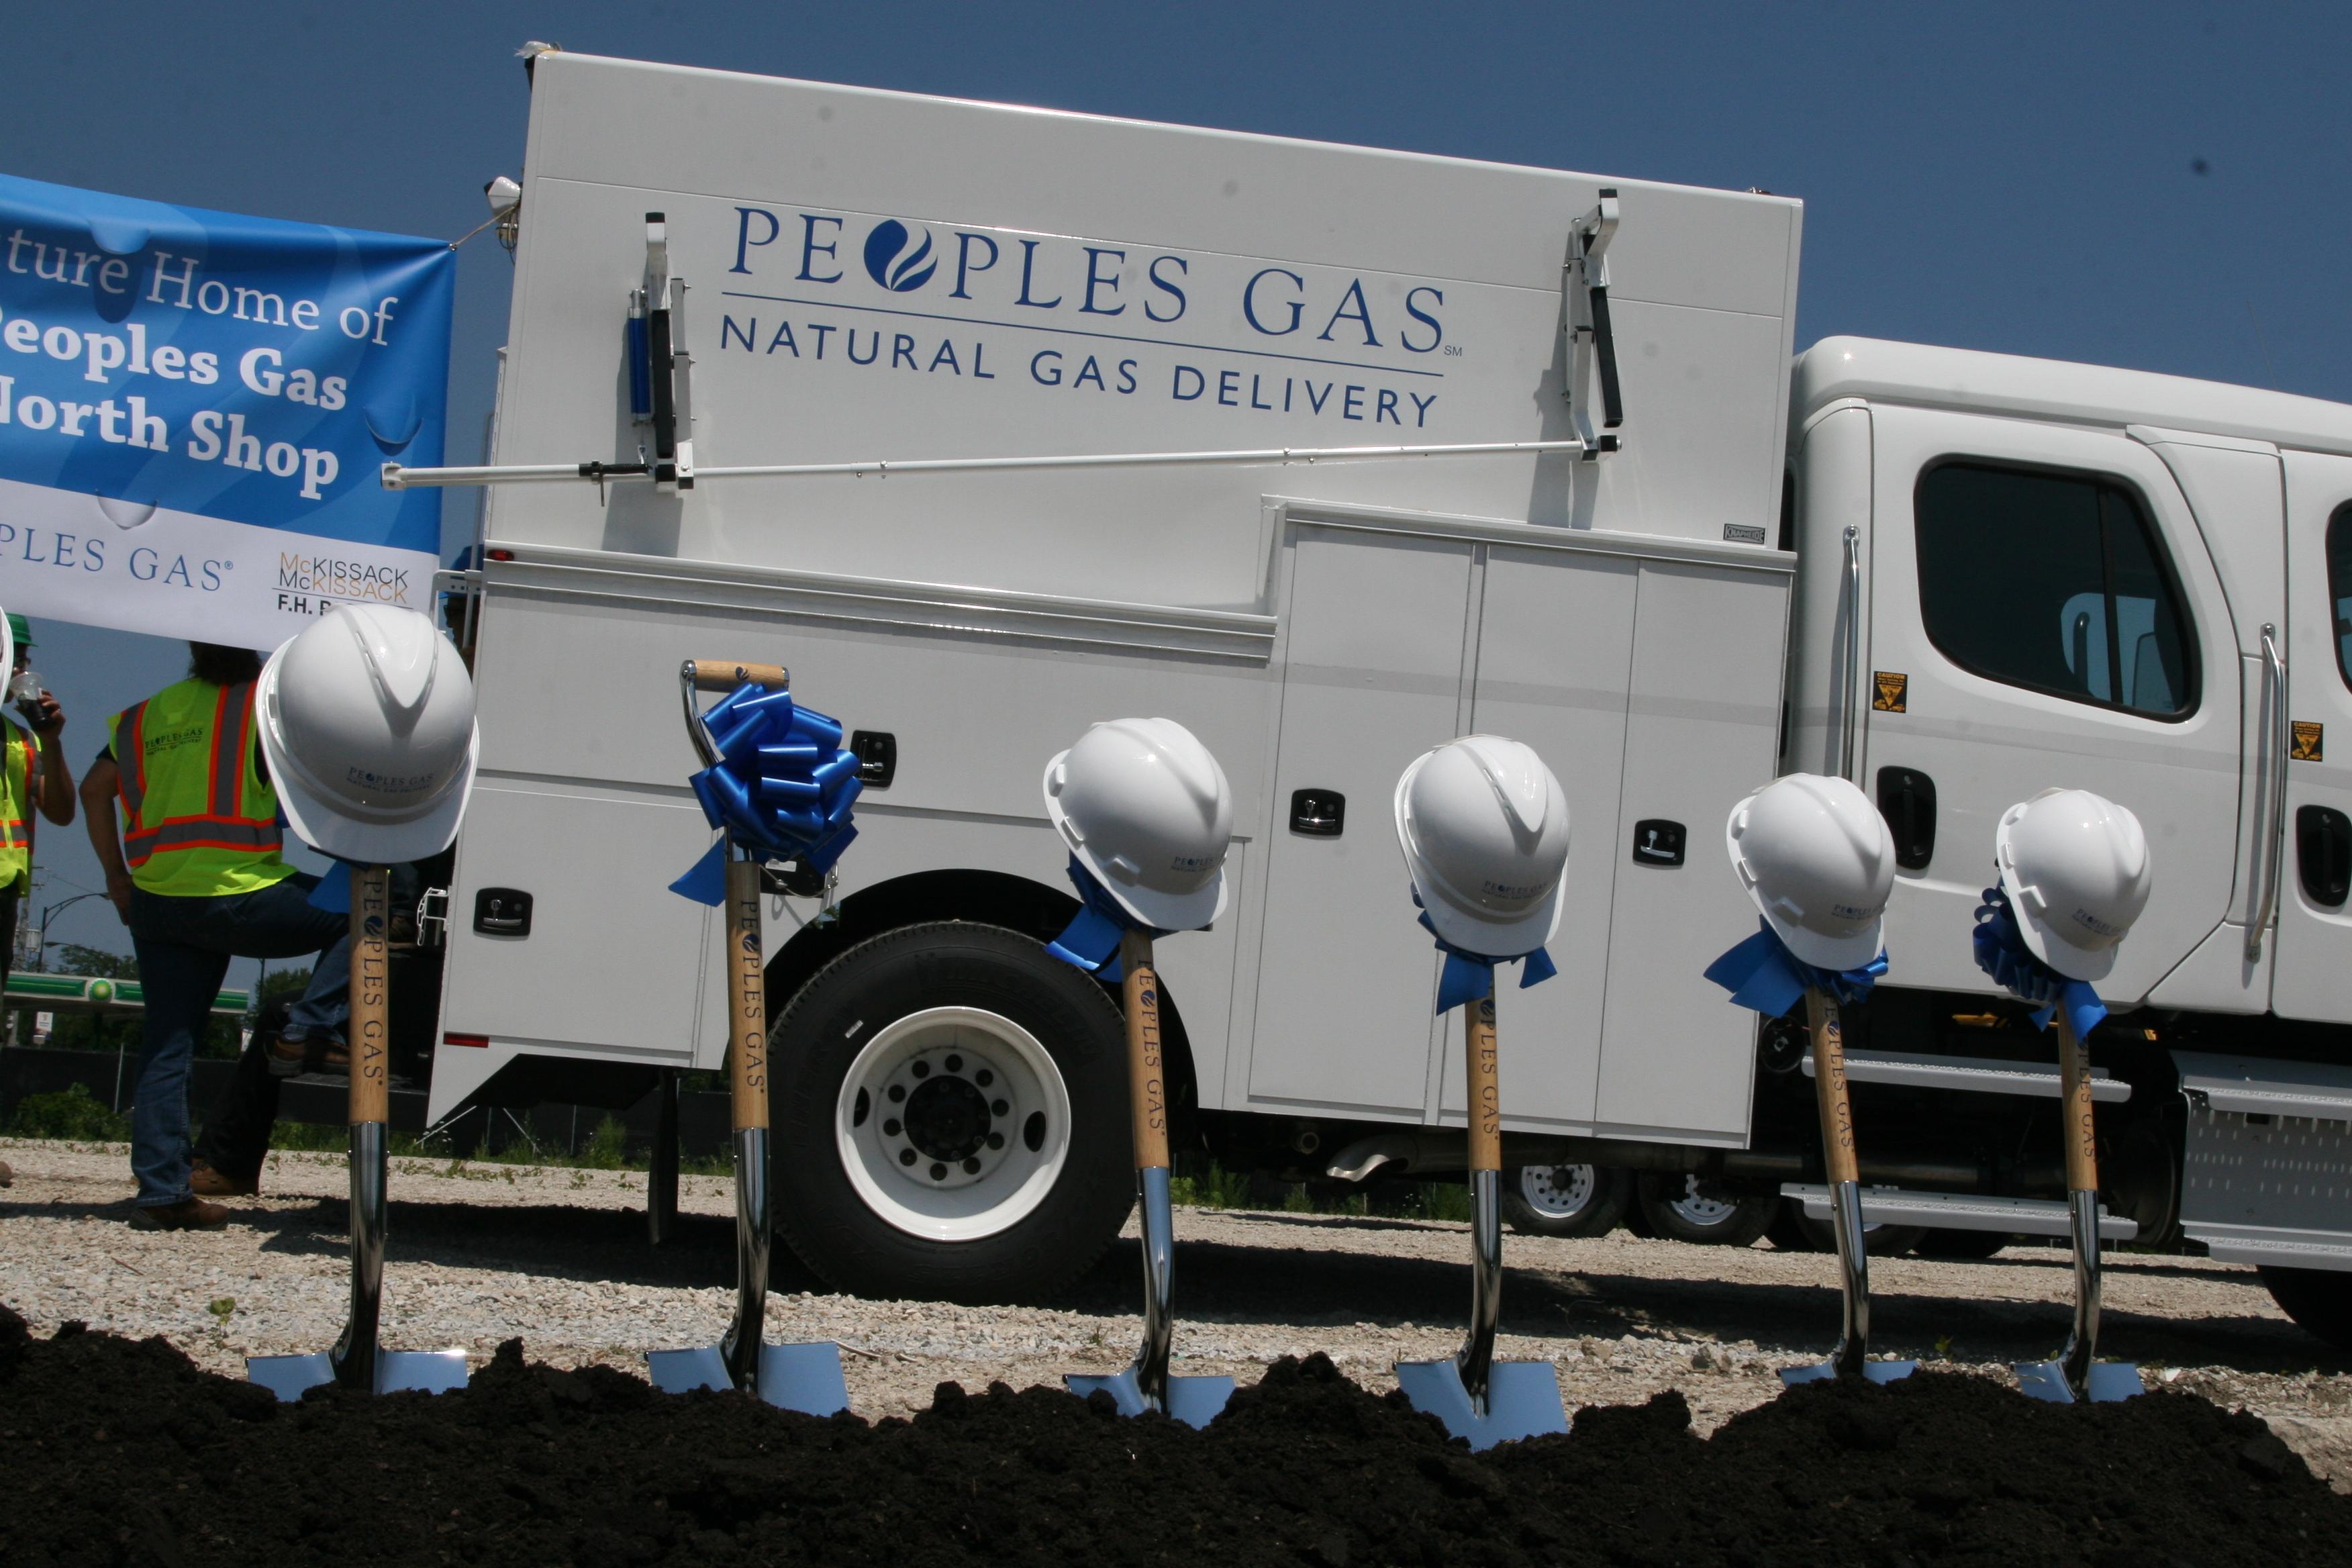 Peoples-Gas-groundbreaking.JPG?mtime=201